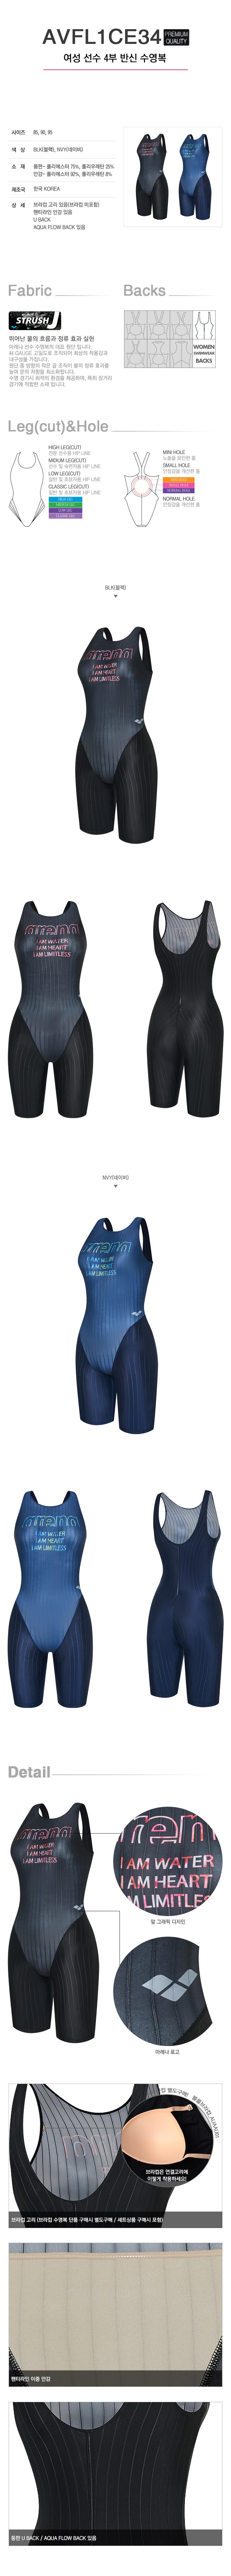 아레나(ARENA) AVFL1CE34BLK 여성 선수 4부 반신 수영복